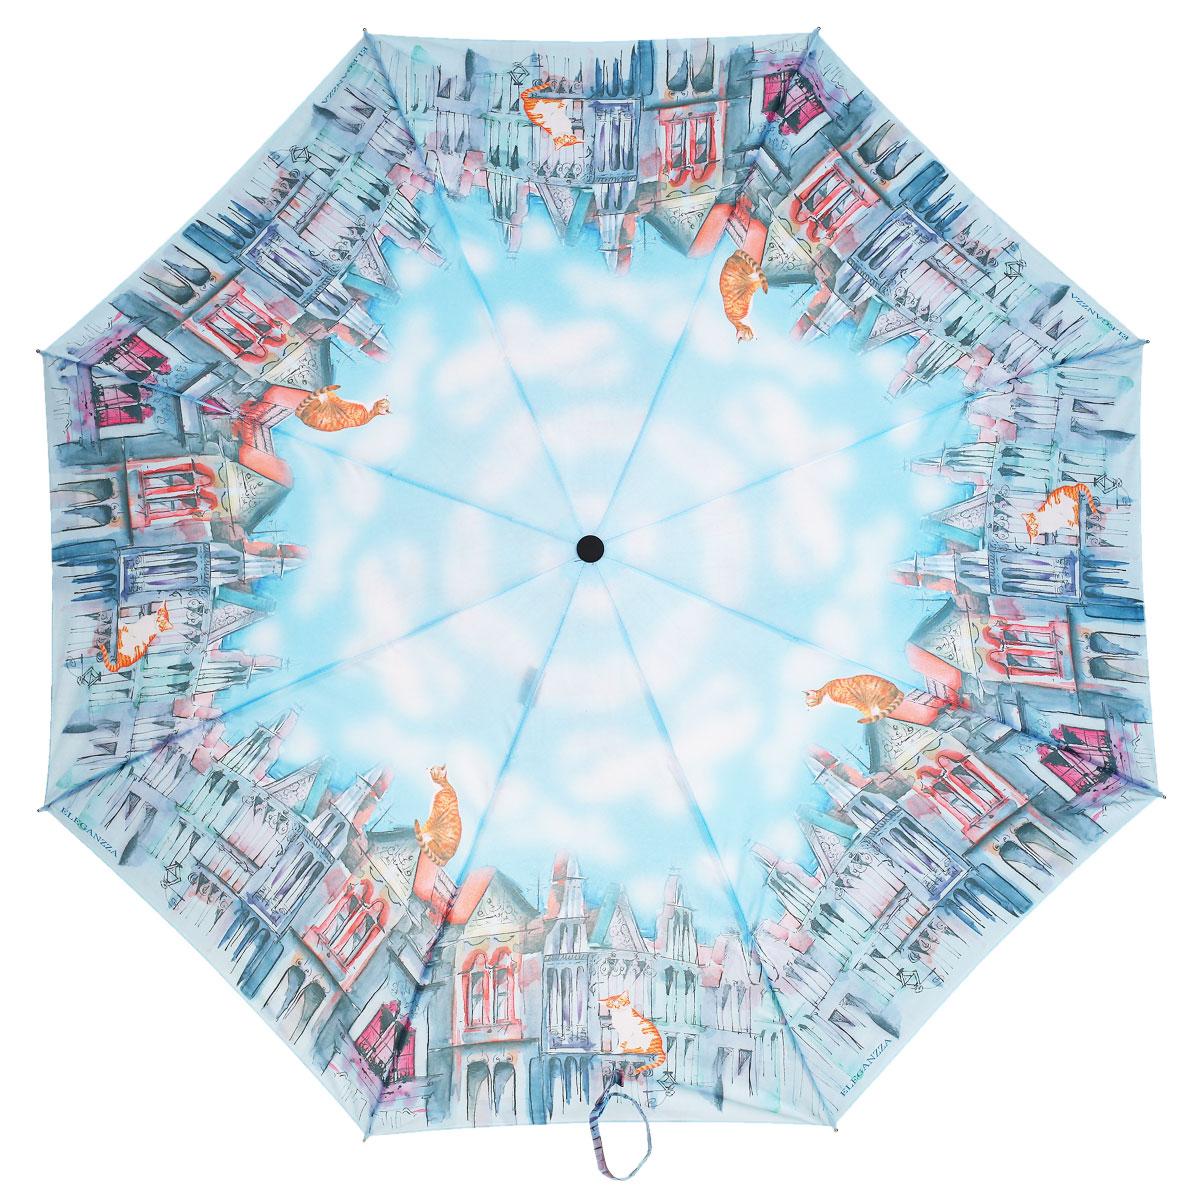 Зонт женский Eleganzza, автомат, 3 сложения, цвет: голубой, оранжевый. A3-05-0281SA3-05-0281SСтильный автоматический зонт Eleganzza в 3 сложения даже в ненастную погоду позволит вам оставаться элегантной. Каркас зонта выполнен из 8 спиц из фибергласса и алюминия, стержень изготовлен из стали, удобная рукоятка - из пластика. Купол зонта выполнен из прочного полиэстера и эпонжа с водоотталкивающей пропиткой. В закрытом виде застегивается хлястиком на кнопке. Дизайн купола зонта выполнен в стиле романтической городской крыши с забавными обитателями - котами. Зонт имеет полный автоматический механизм сложения: купол открывается и закрывается нажатием кнопки на рукоятке, стержень складывается вручную до характерного щелчка, благодаря чему открыть и закрыть зонт можно одной рукой, что чрезвычайно удобно при входе в транспорт или помещение. Каркас зонта оснащен системой Smart, которая не позволяет стержню при сложении вылететь обратно. Это облегчает сложение зонта. При сложении есть характерный звук-треск, как трещетка. Примечание: зонт не откроется с кнопки, если его...